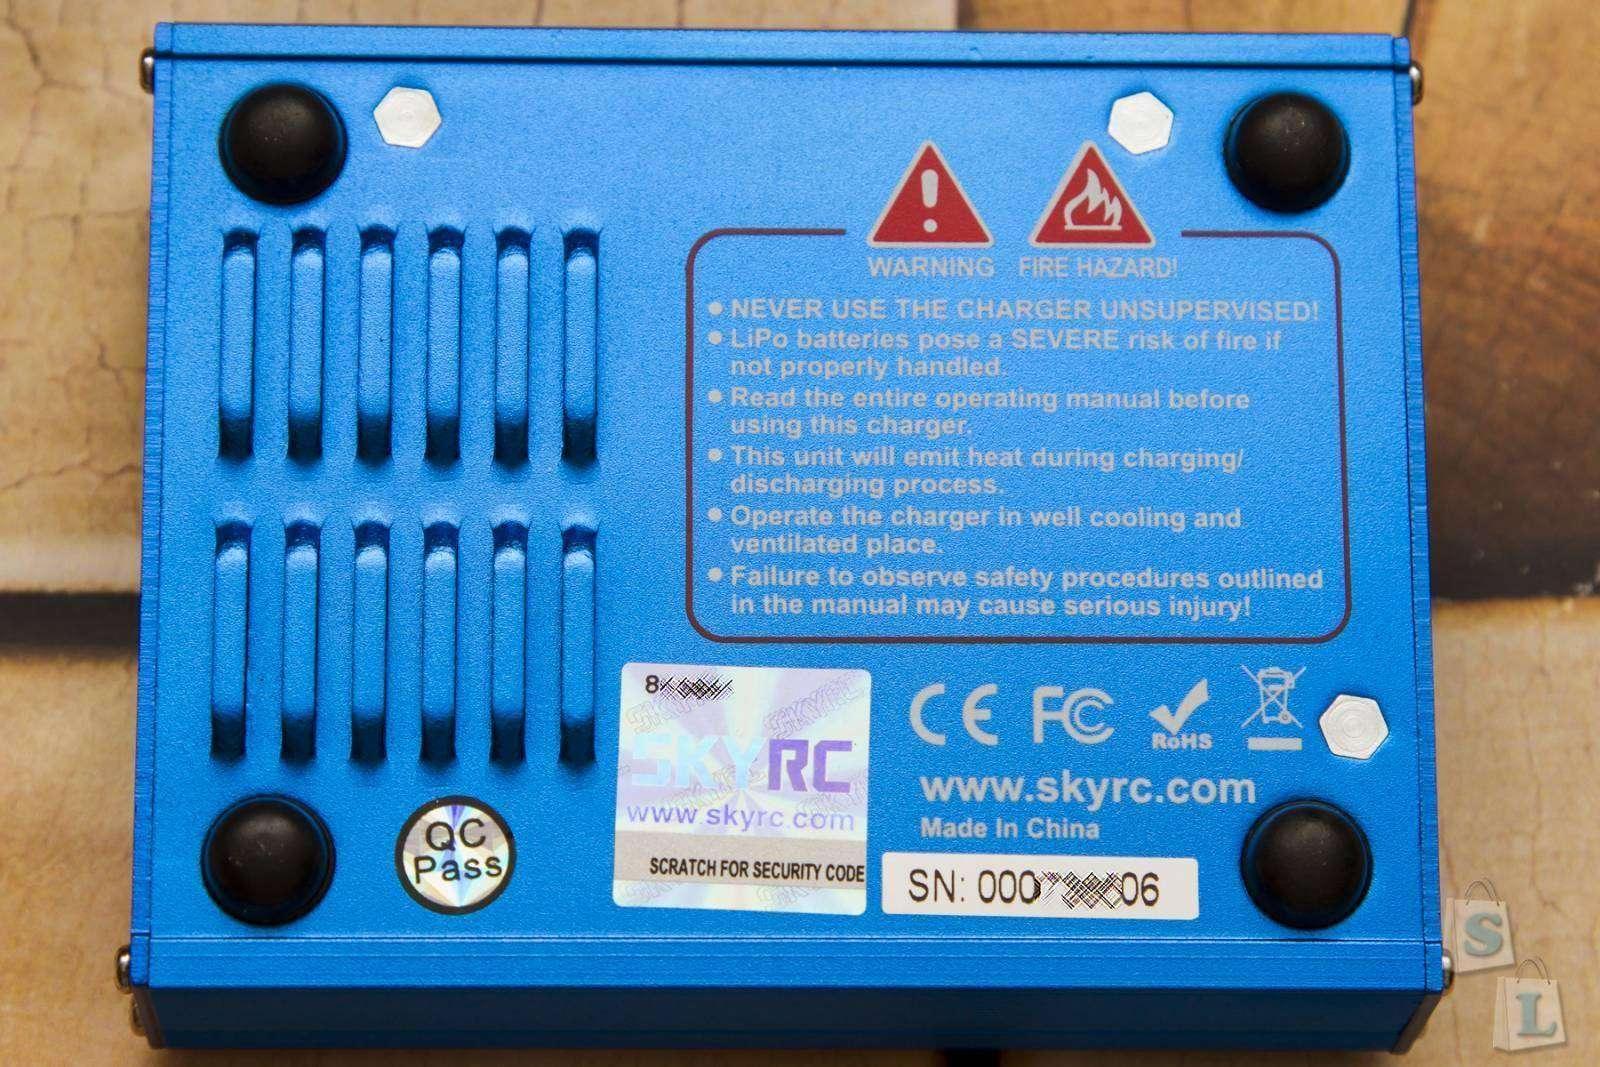 GearBest: Универсальный помощник моделистов SKYRC iMAX B6 Mini - проверка на оригинальность